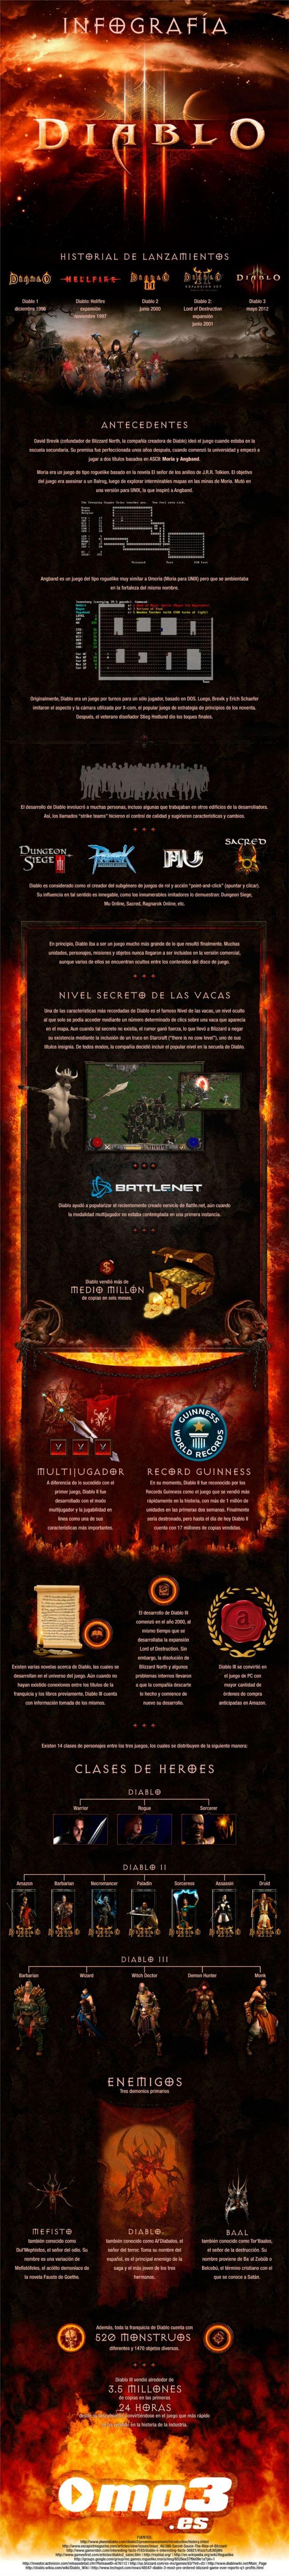 Datos sobre Diablo III